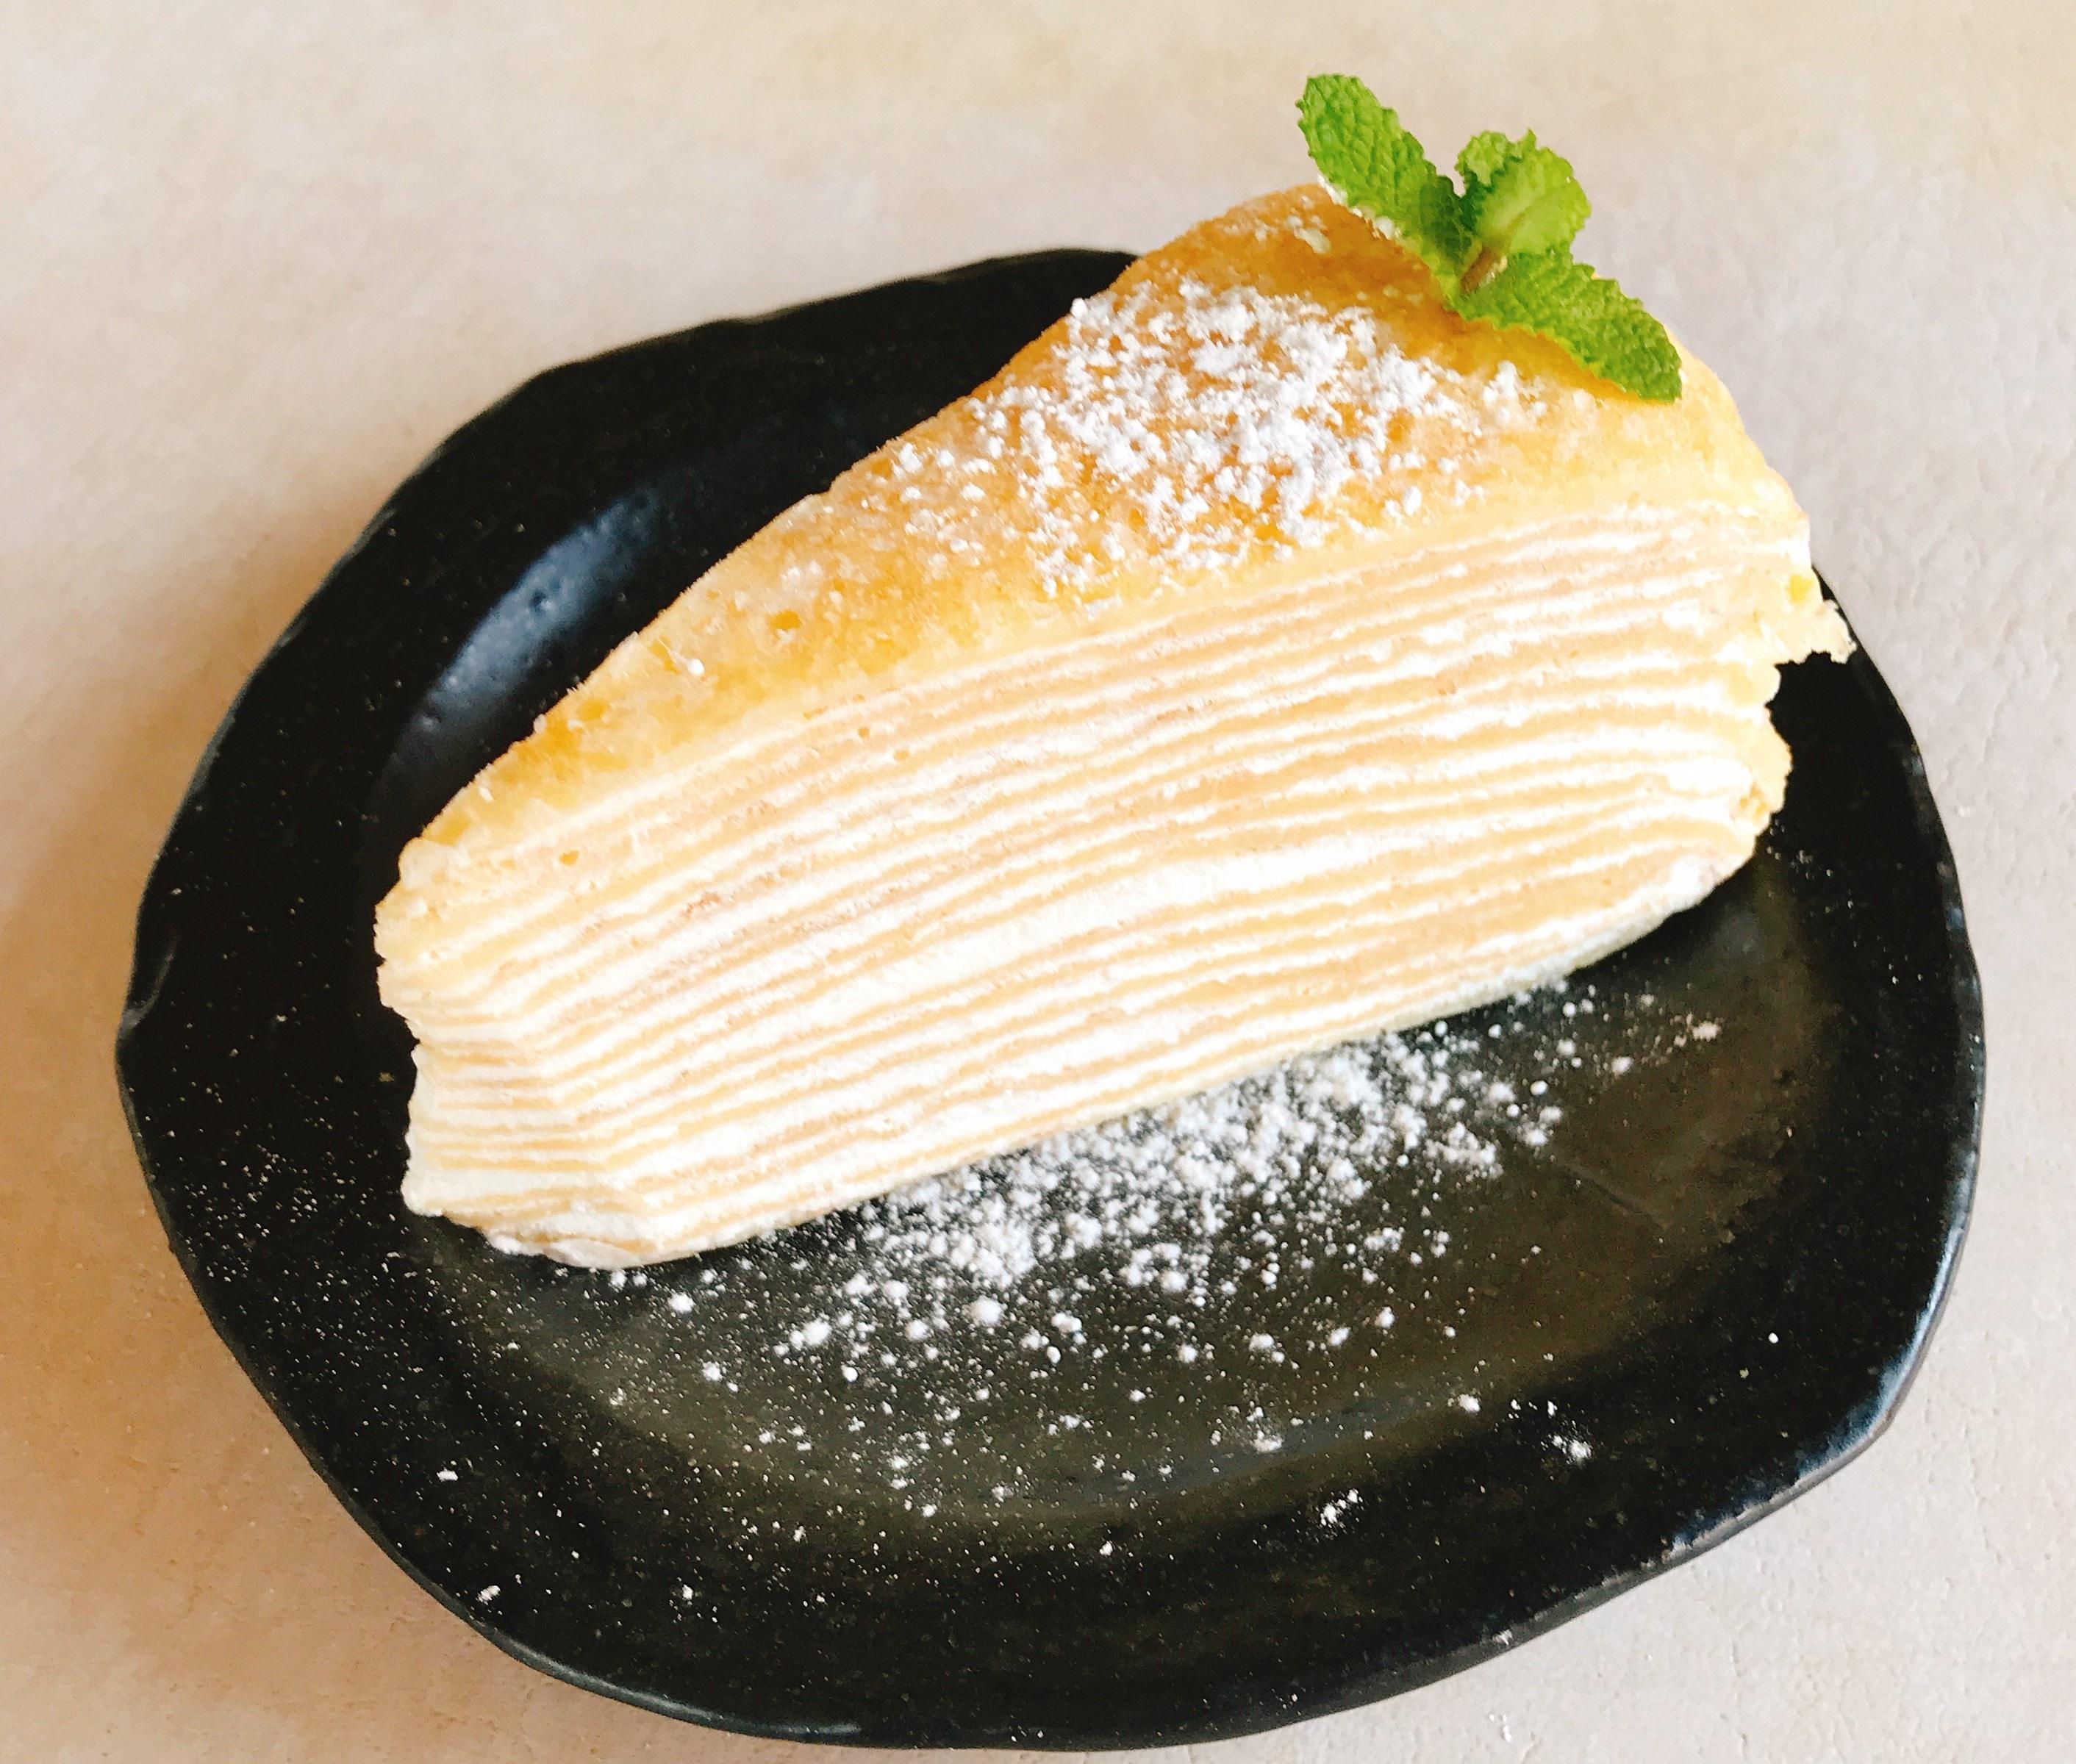 熊本県人吉 球磨郡/回転寿司まぐろやサンロードシティ店自家製ミルクレープ